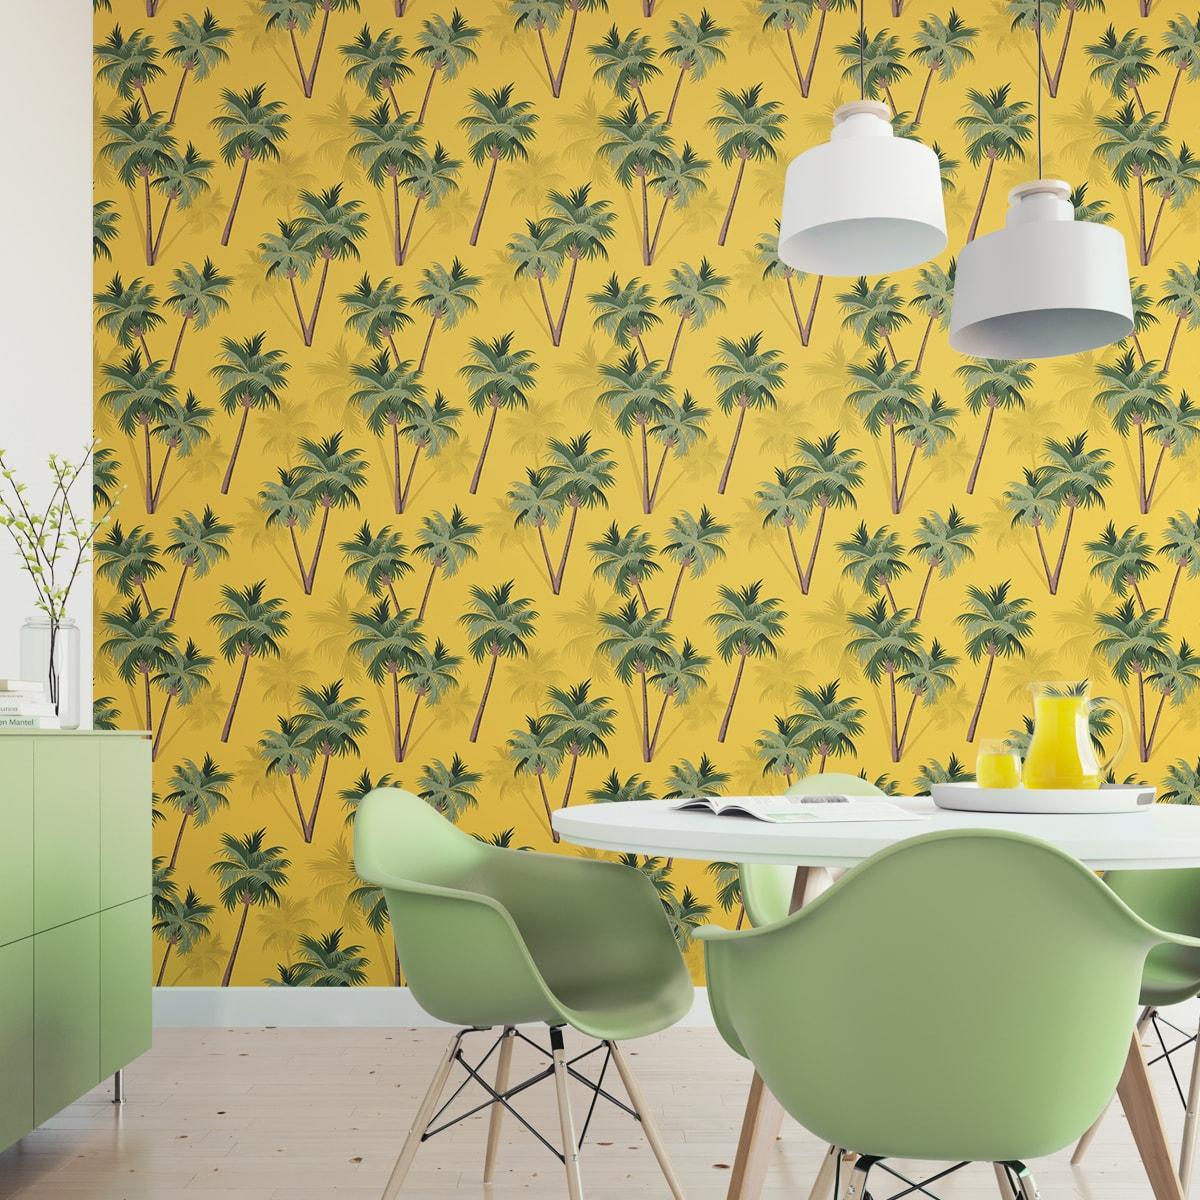 """Wandtapete gelb: Sonnige, üppige Strand Tapete """"im Palmenhain"""" mit großen Palmen auf gelb angepasst an Little Greene Wandfarben- Vliestapete Natur, Blumen"""